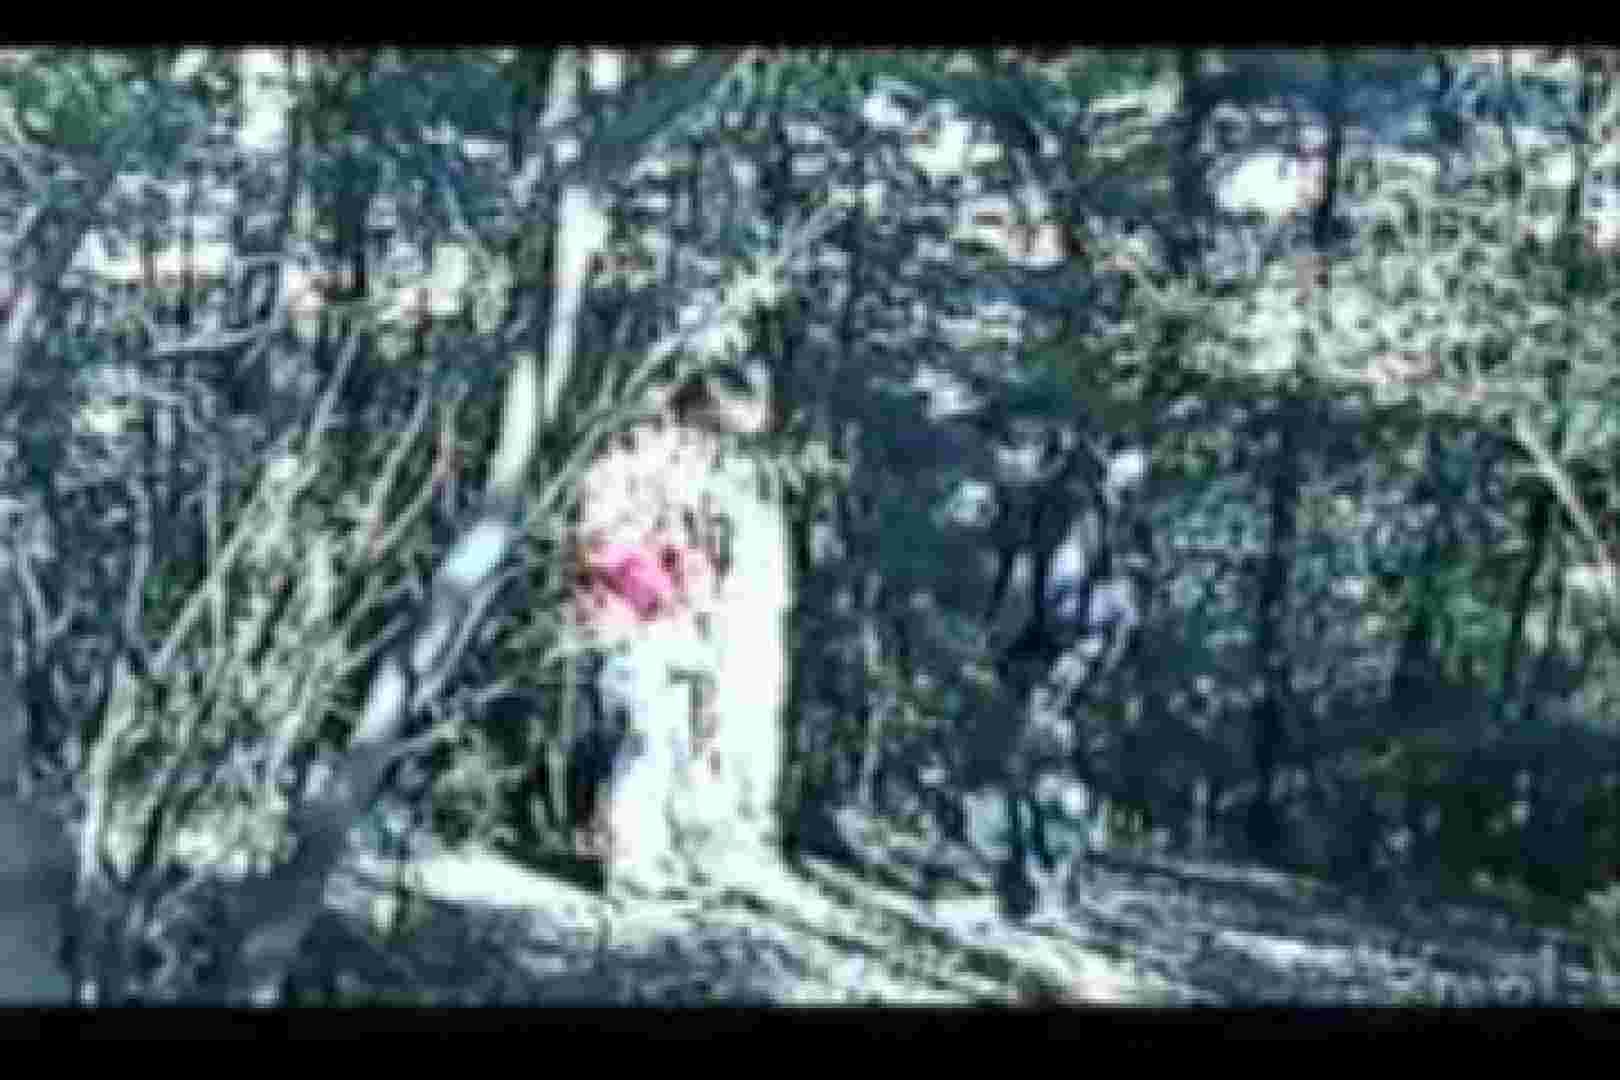 オールドゲイシリーズ  美少年ひかるのオープンファック イケメン  106pic 69